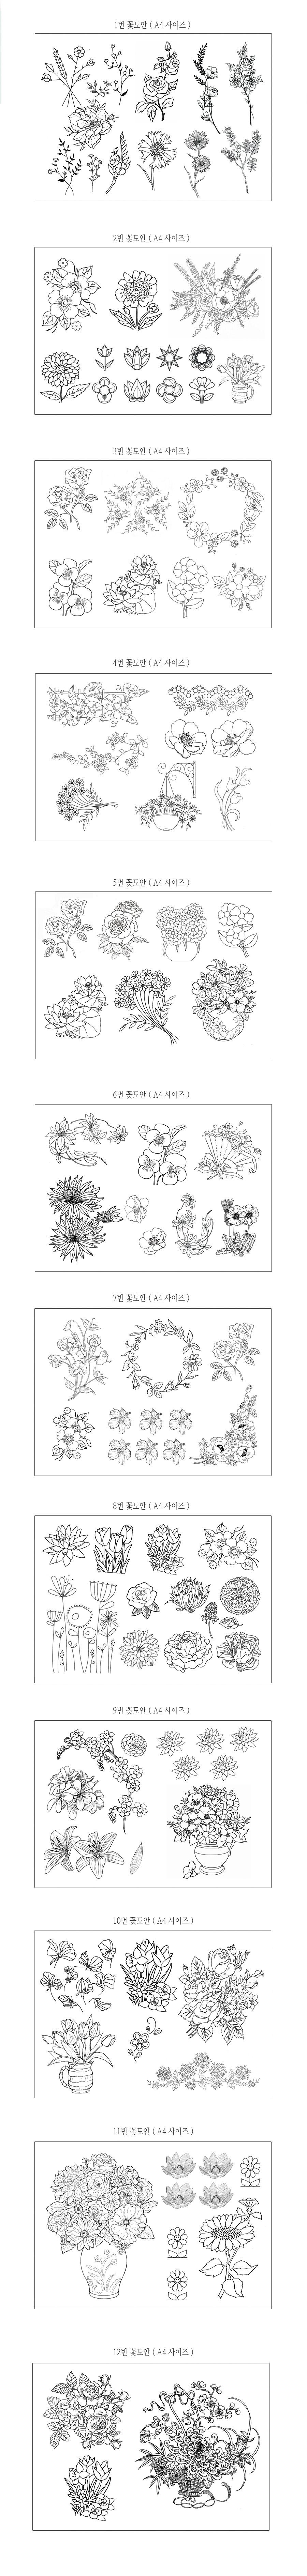 자수 꽃 도안 12종 - 모두의 팩토리, 1,000원, 십자수, 십자수 도안